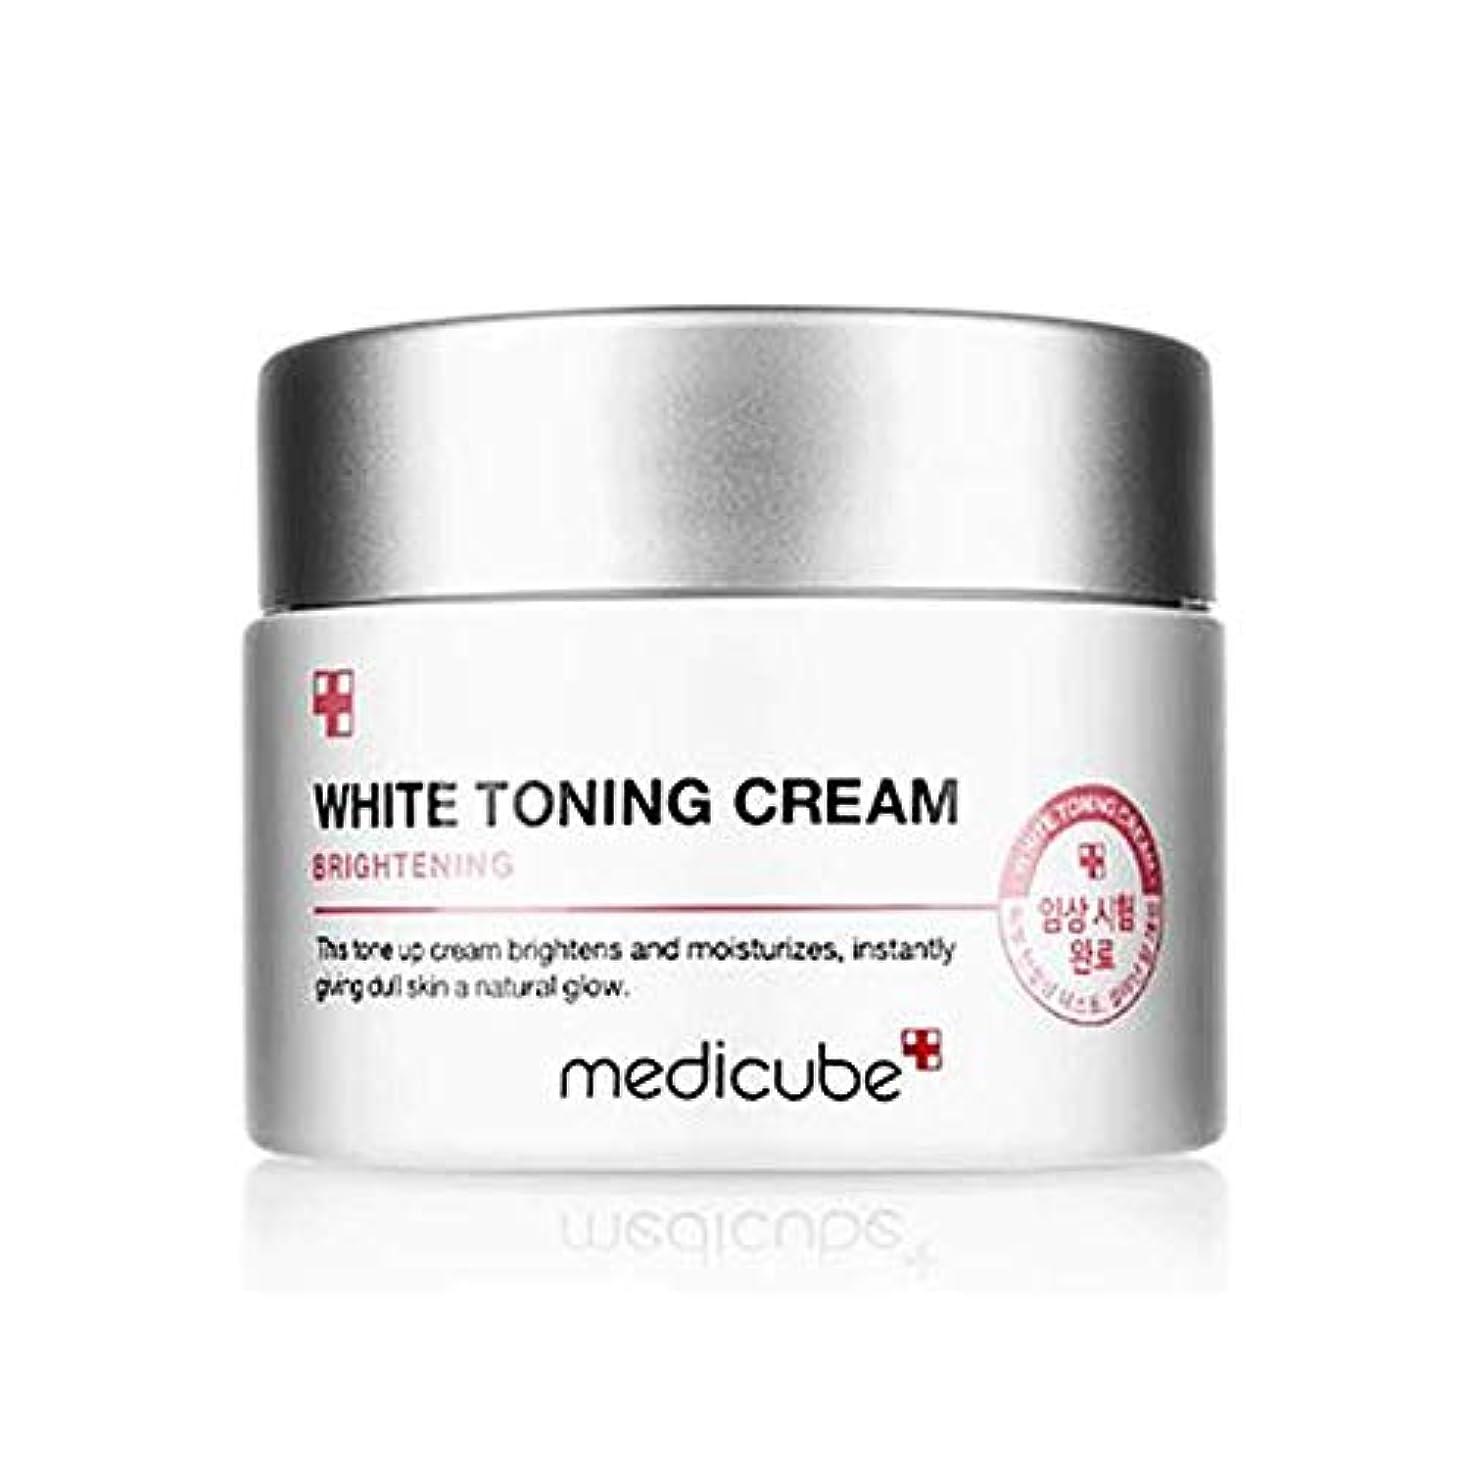 土砂降りモードリン麺Medicube WHITE TONING CREAM メディキューブ ホワイトトーニングクリーム 55ml [並行輸入品]